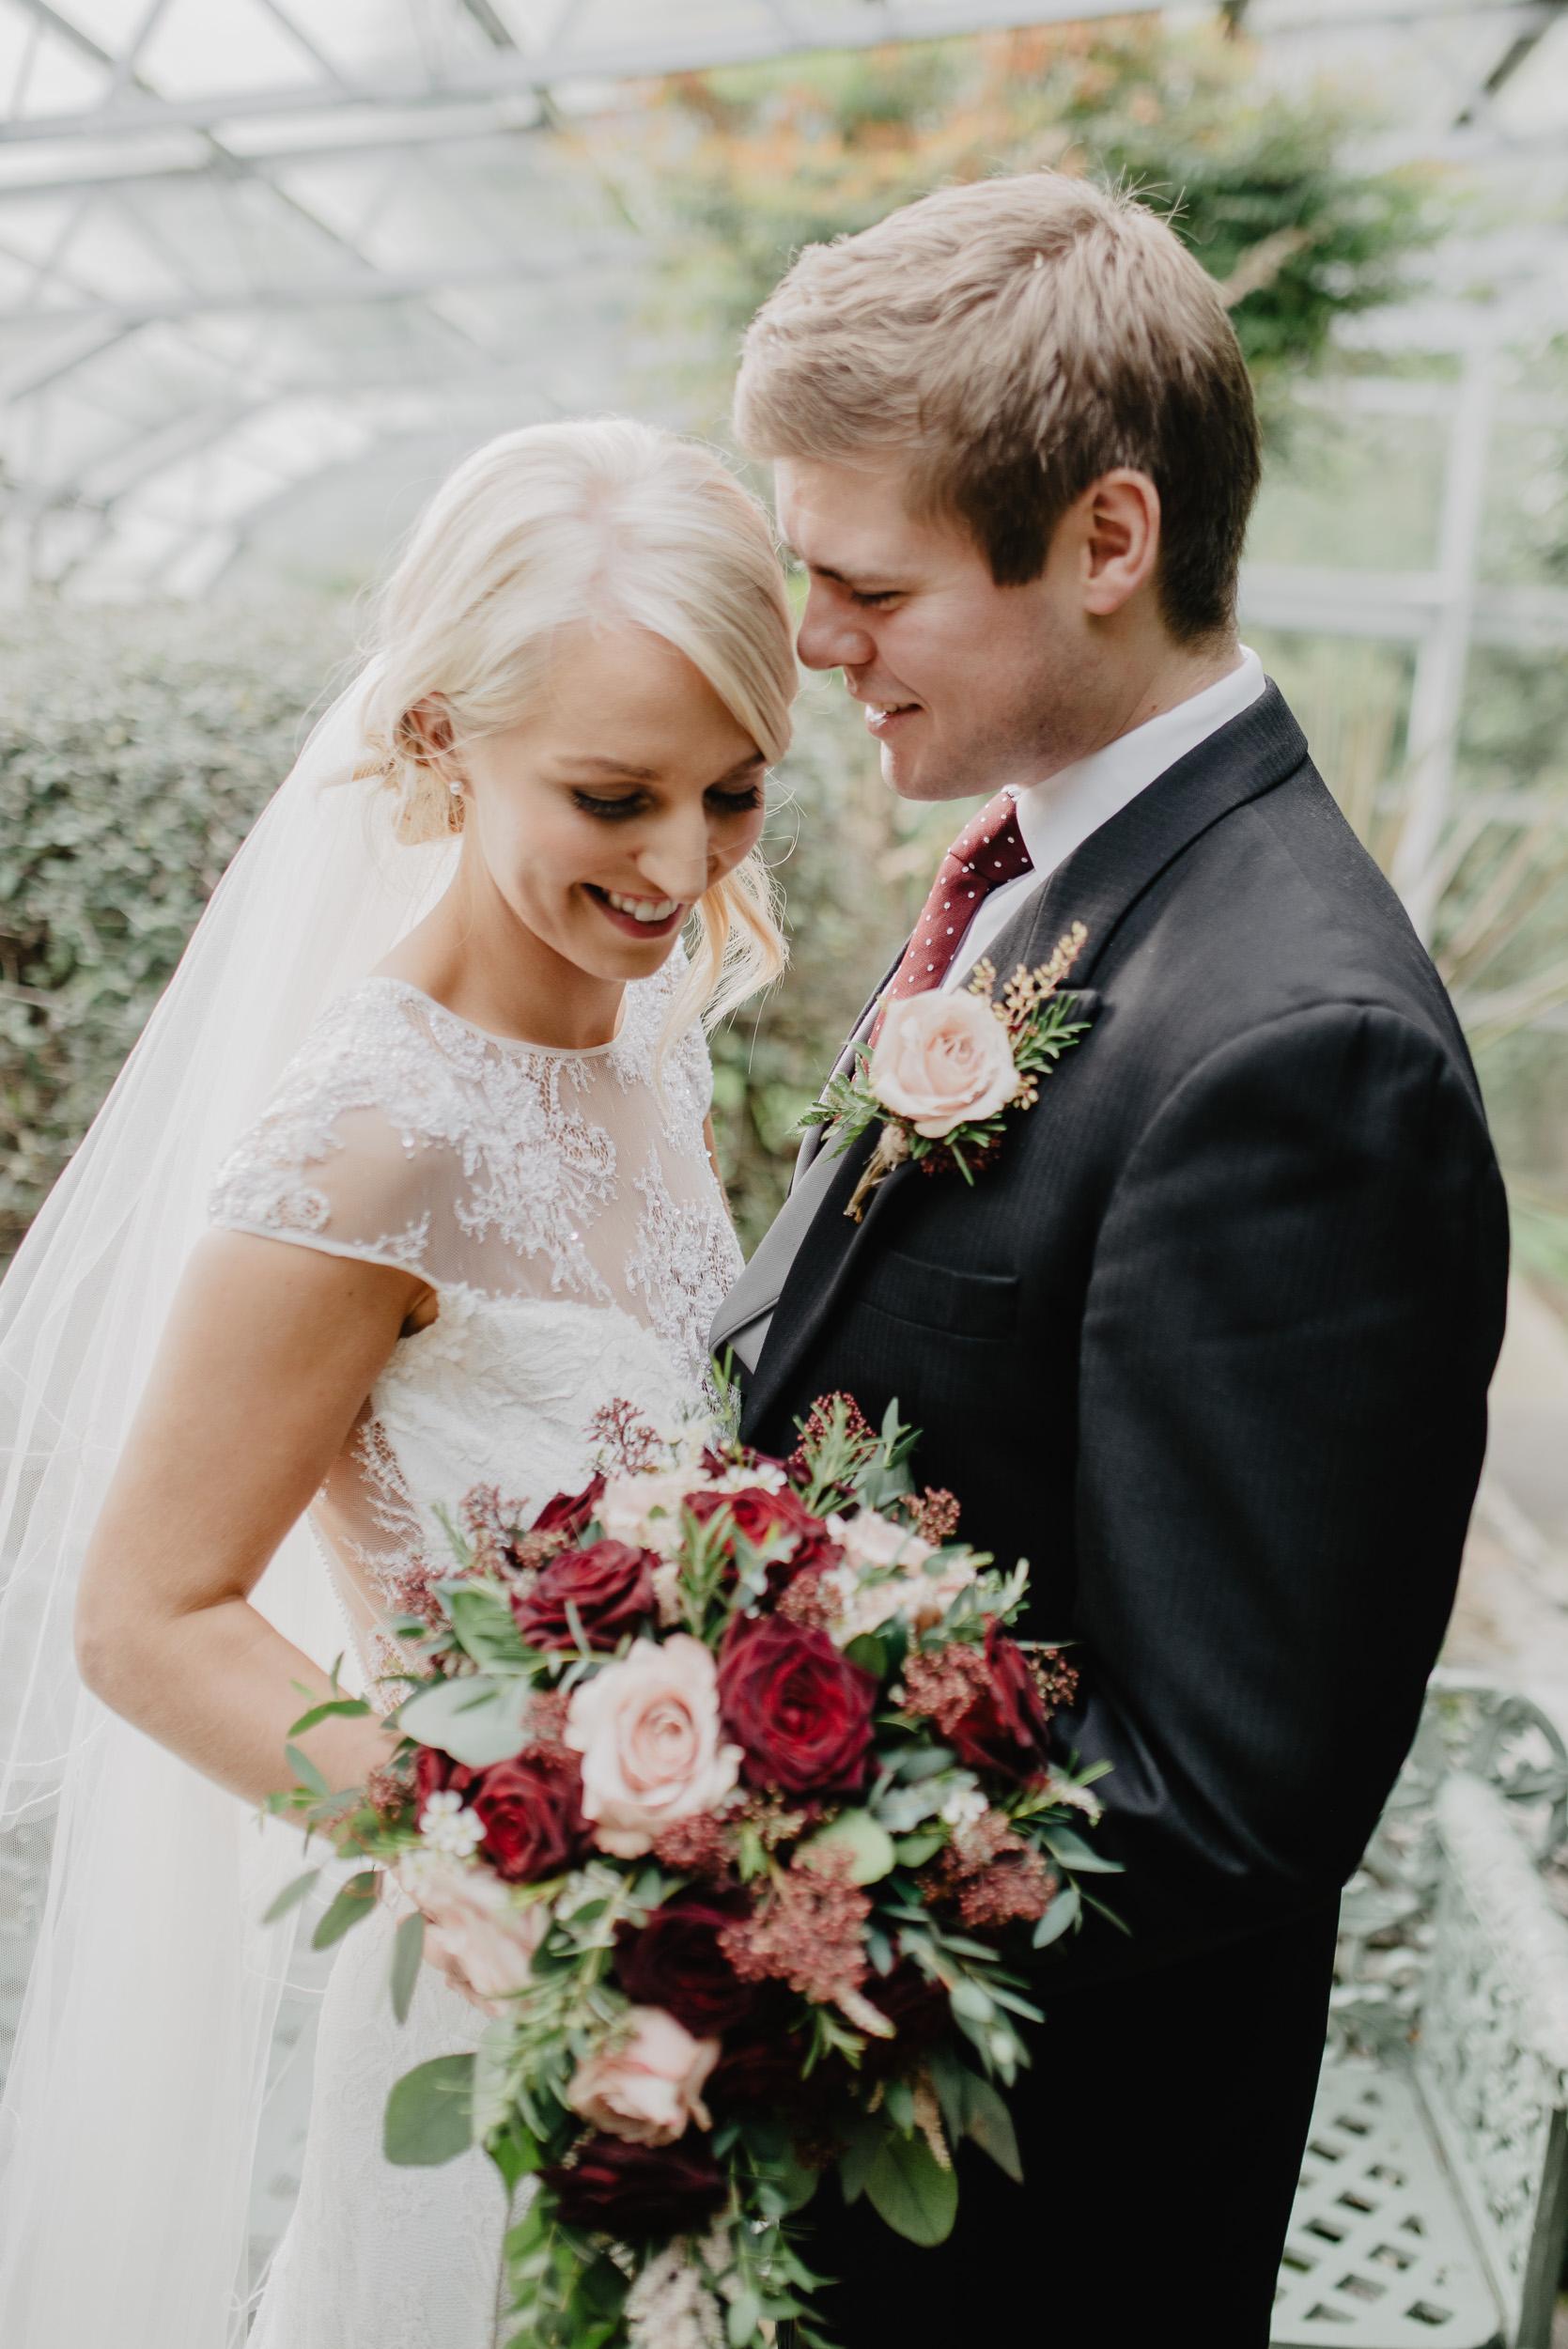 wedding photogaphy peter mackey 2018 meg-7.jpg